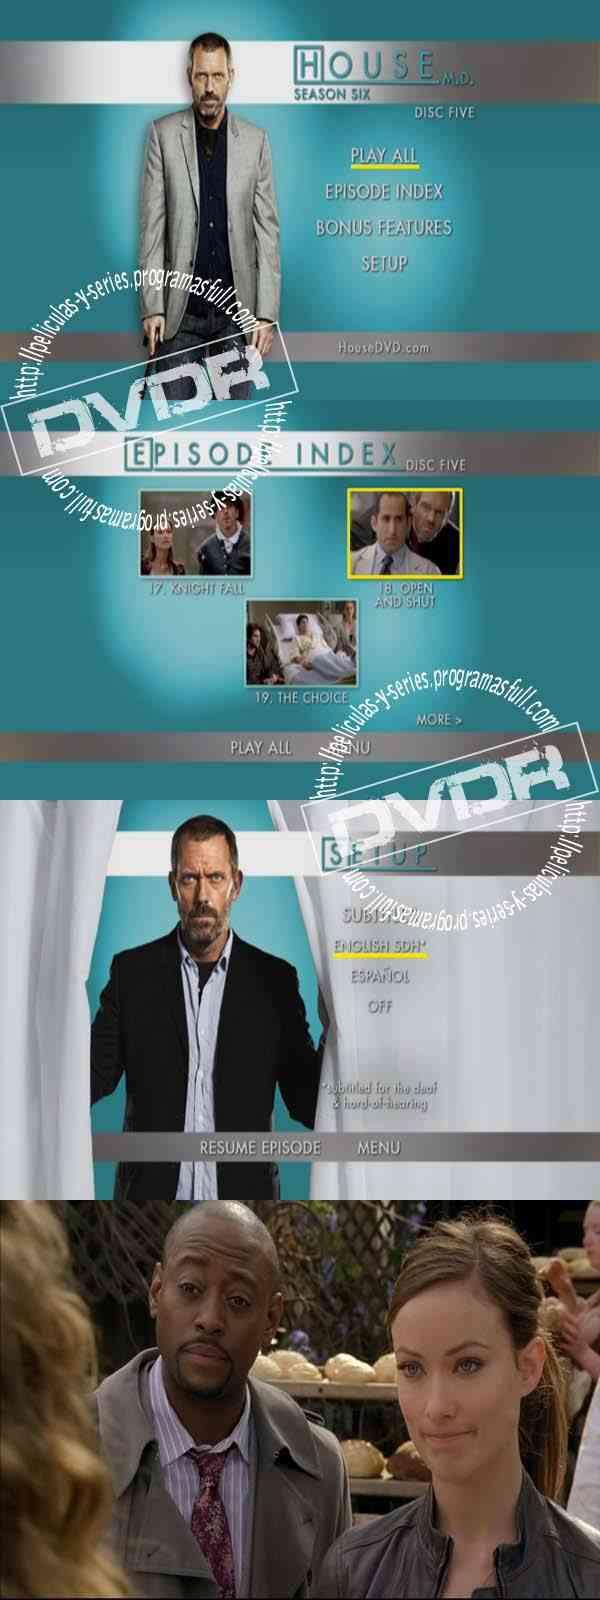 Descargar Convertidor Ratdvd Dvd